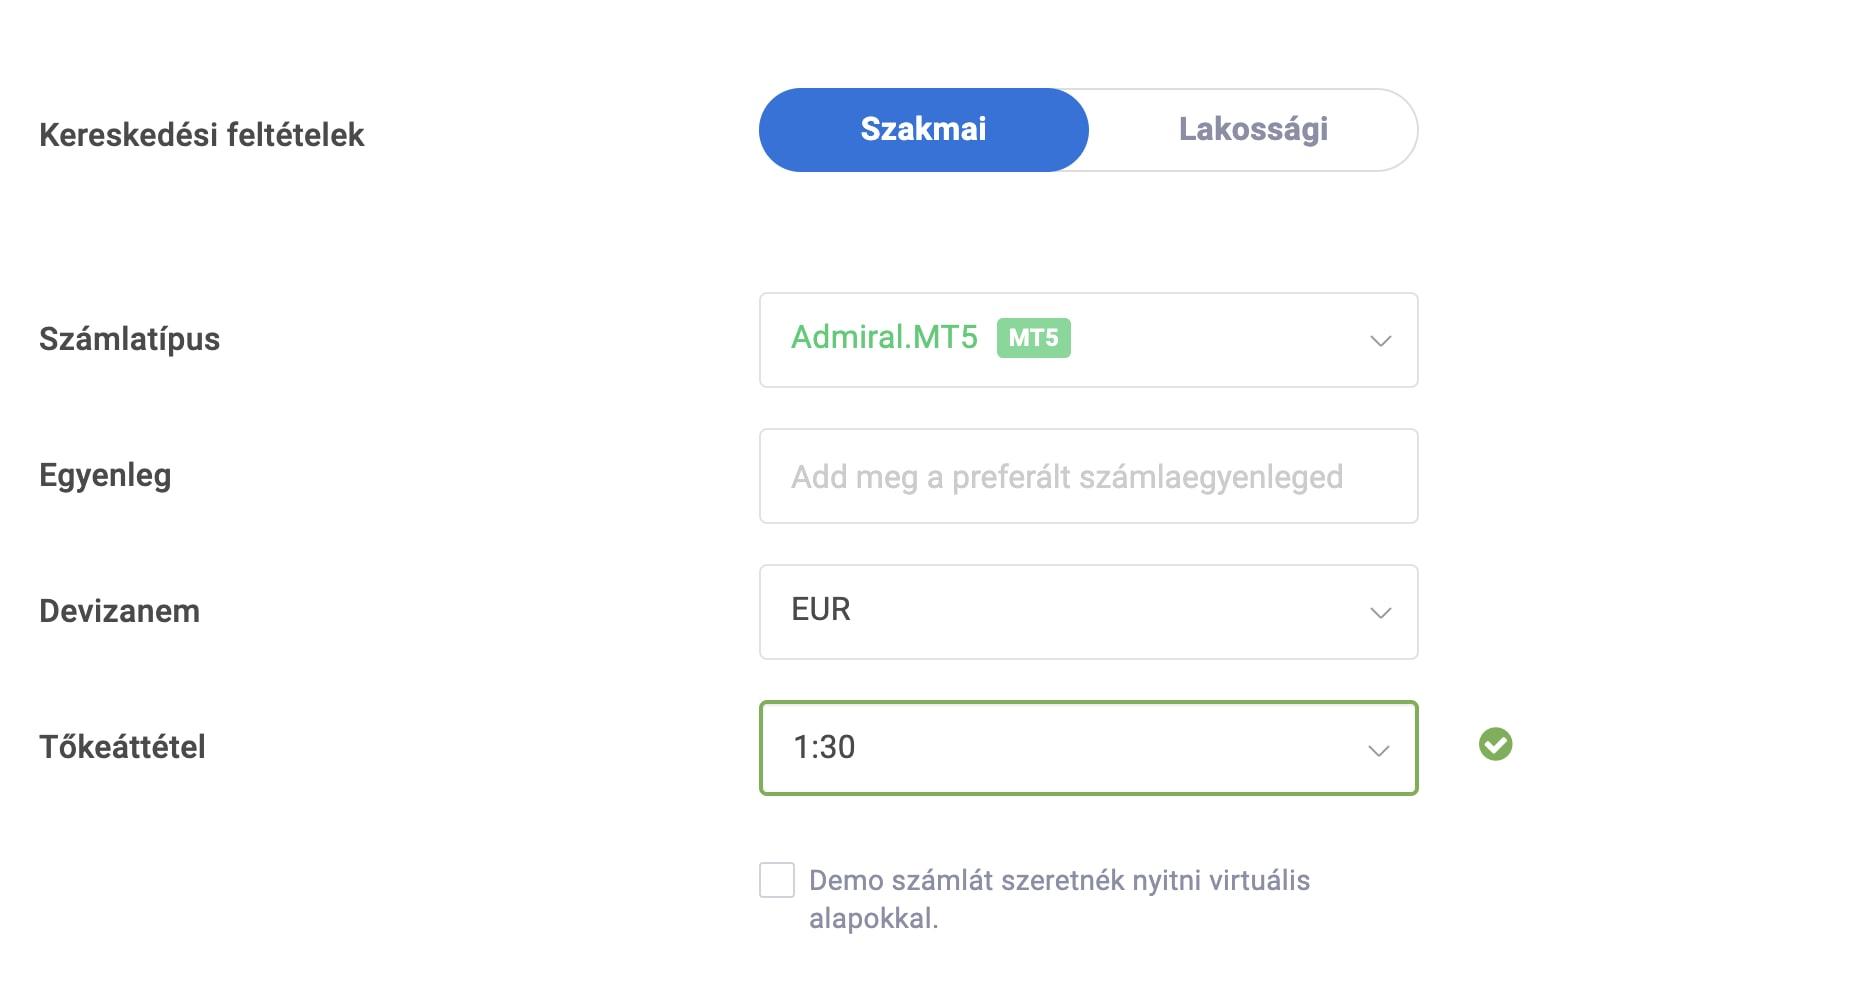 demo számla bináris opciók kereskedésekor pénztárcák bitcoin felső